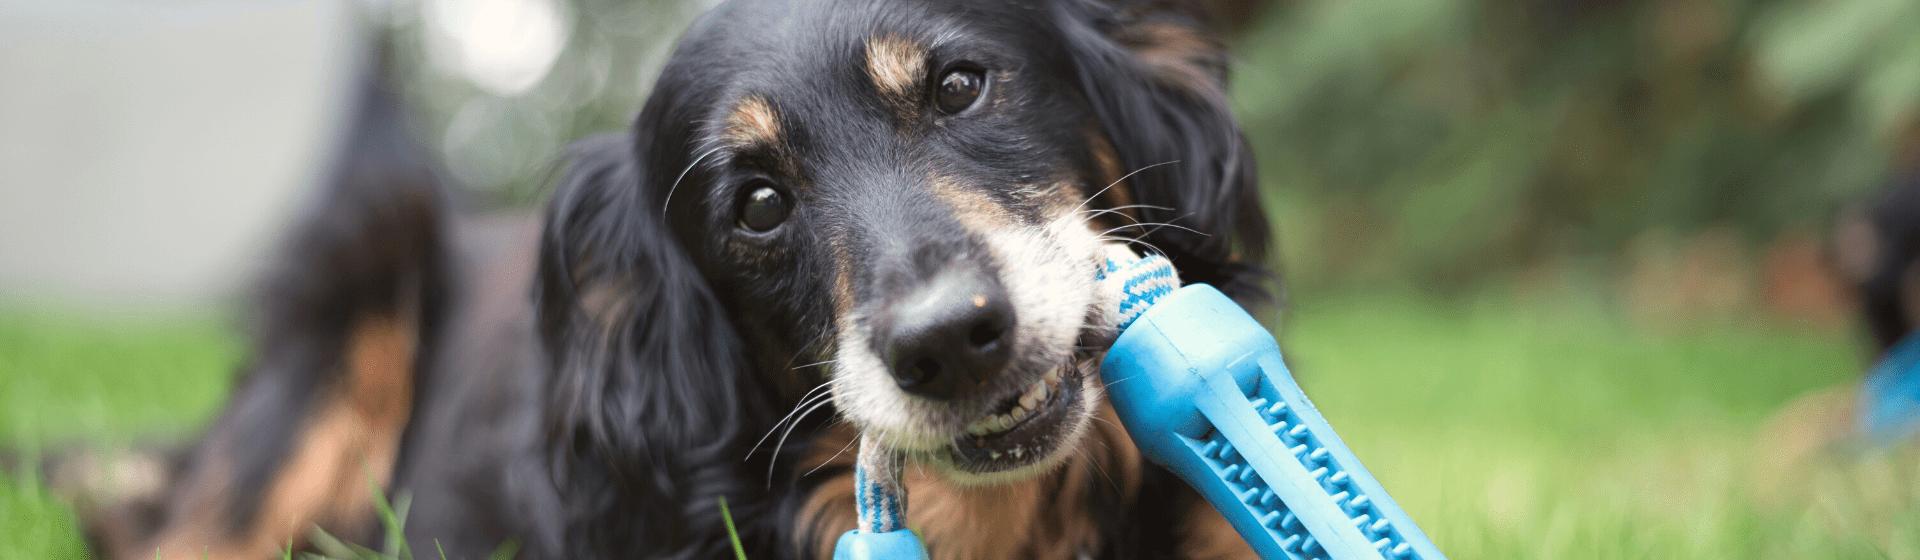 Brinquedo para cachorro morder: conheça as 10 melhores opções